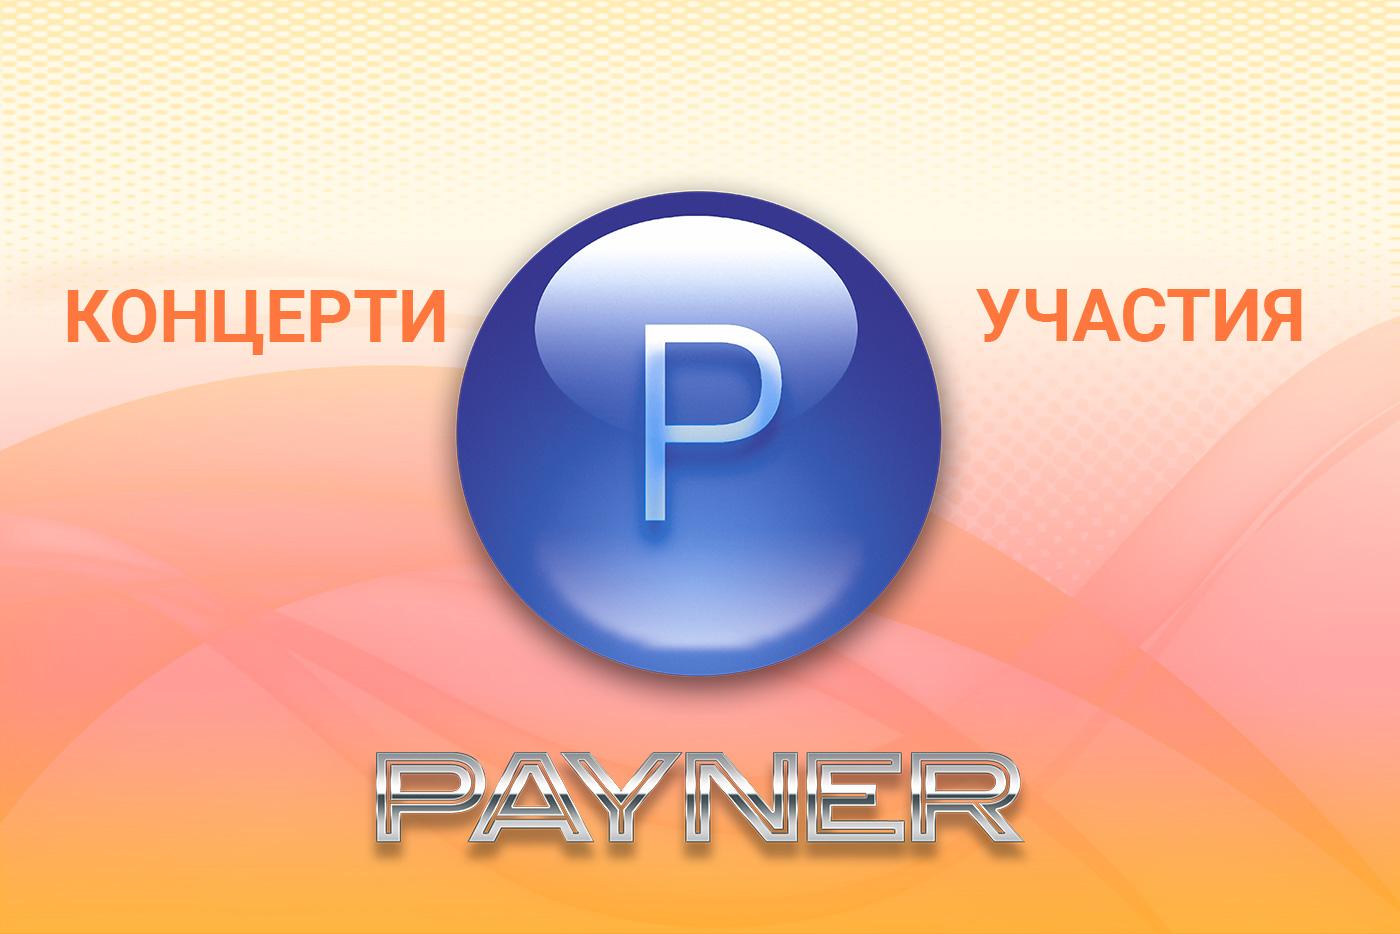 """Участия на звездите на """"Пайнер"""" на 04.10.2019"""